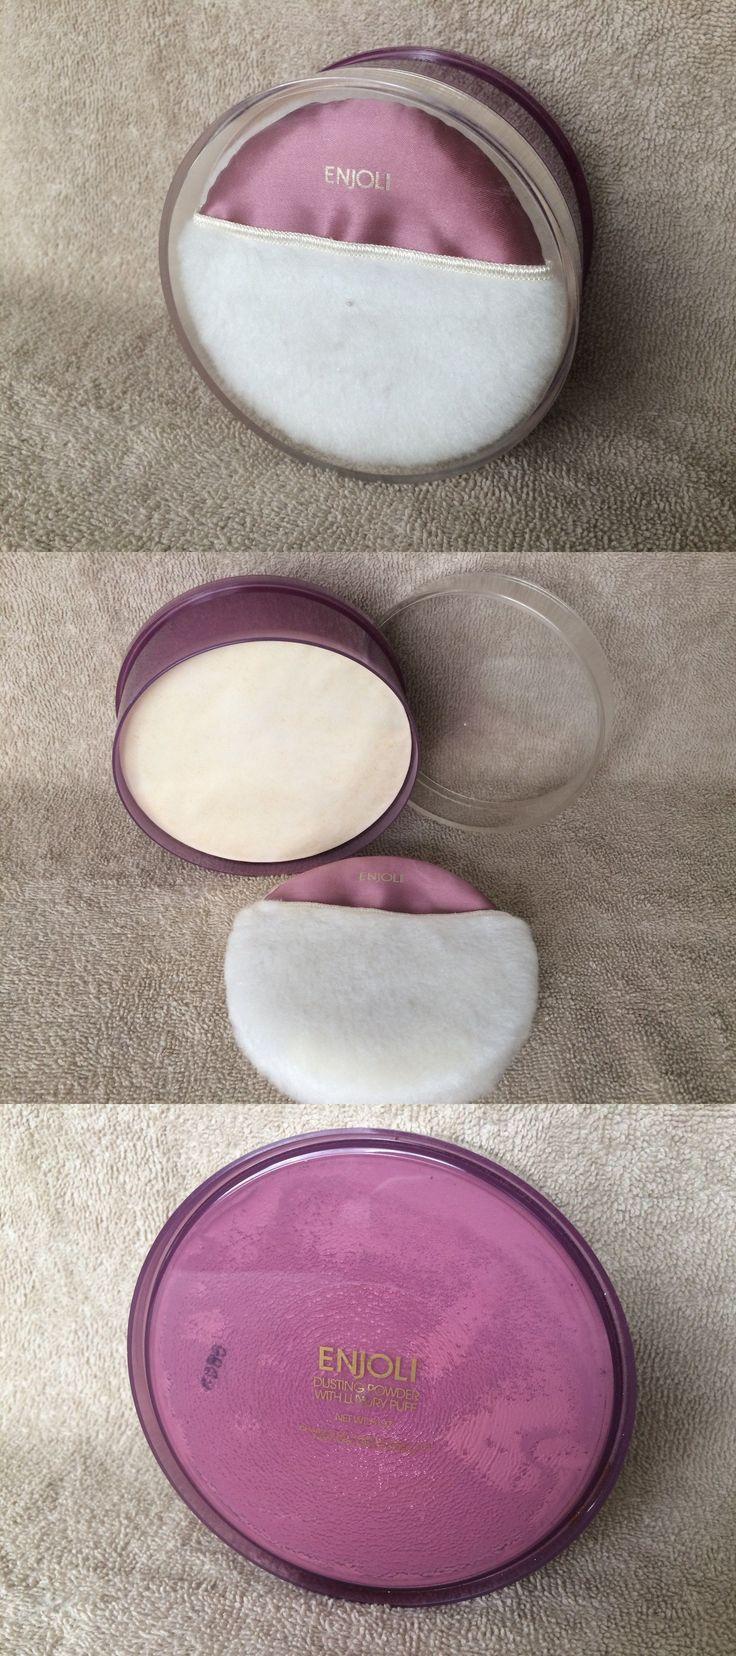 Body Powders: Sealed Enjoli Charles Of The Ritz 5 Oz Bath Body Dusting Powder Free Ship -> BUY IT NOW ONLY: $69.99 on eBay!